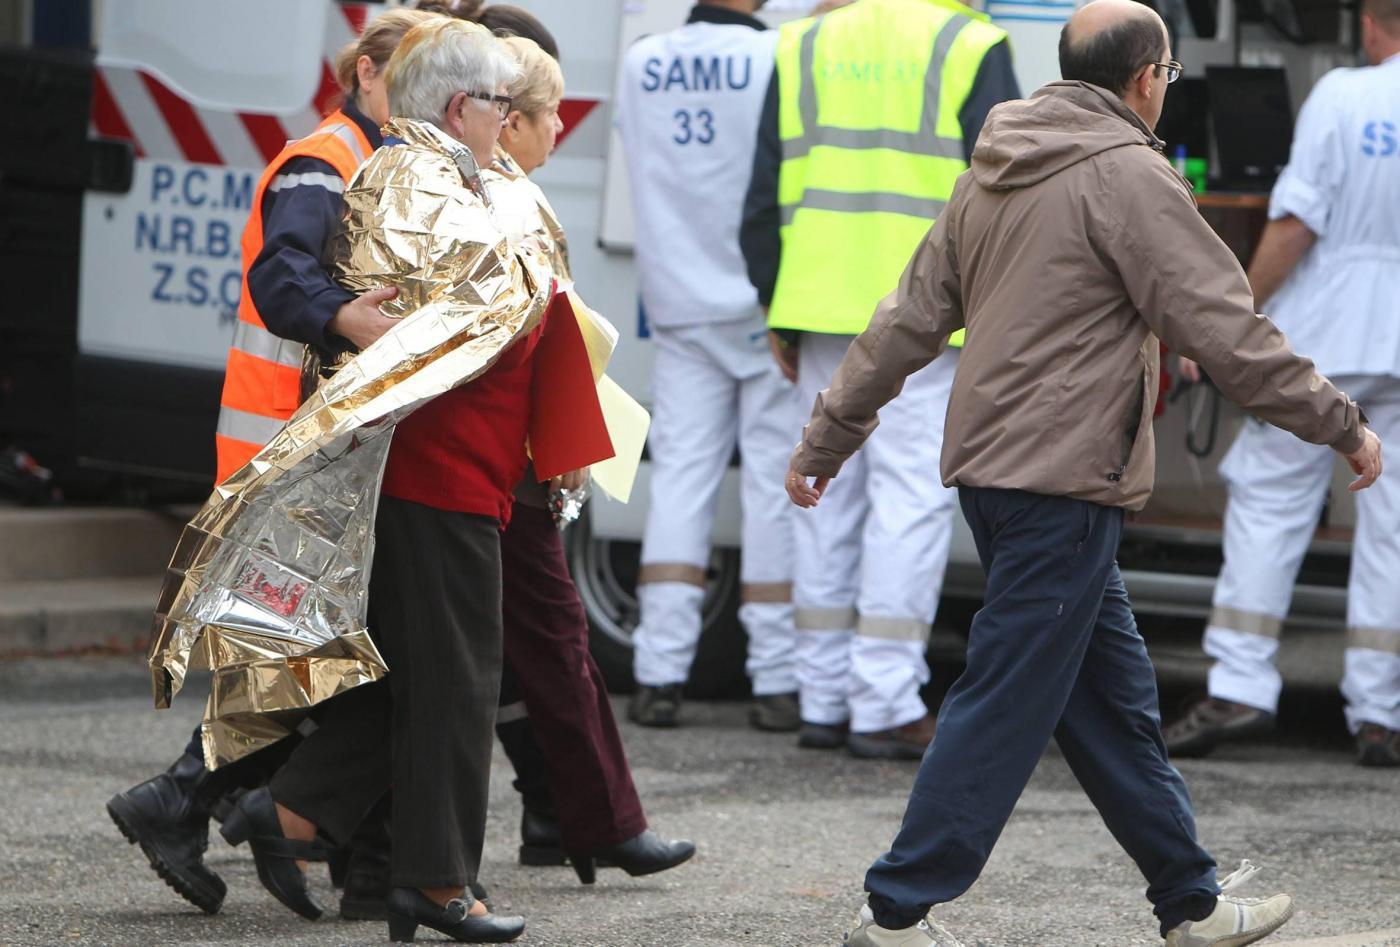 Scontro camion autobus in Francia: sono almeno 42 i morti